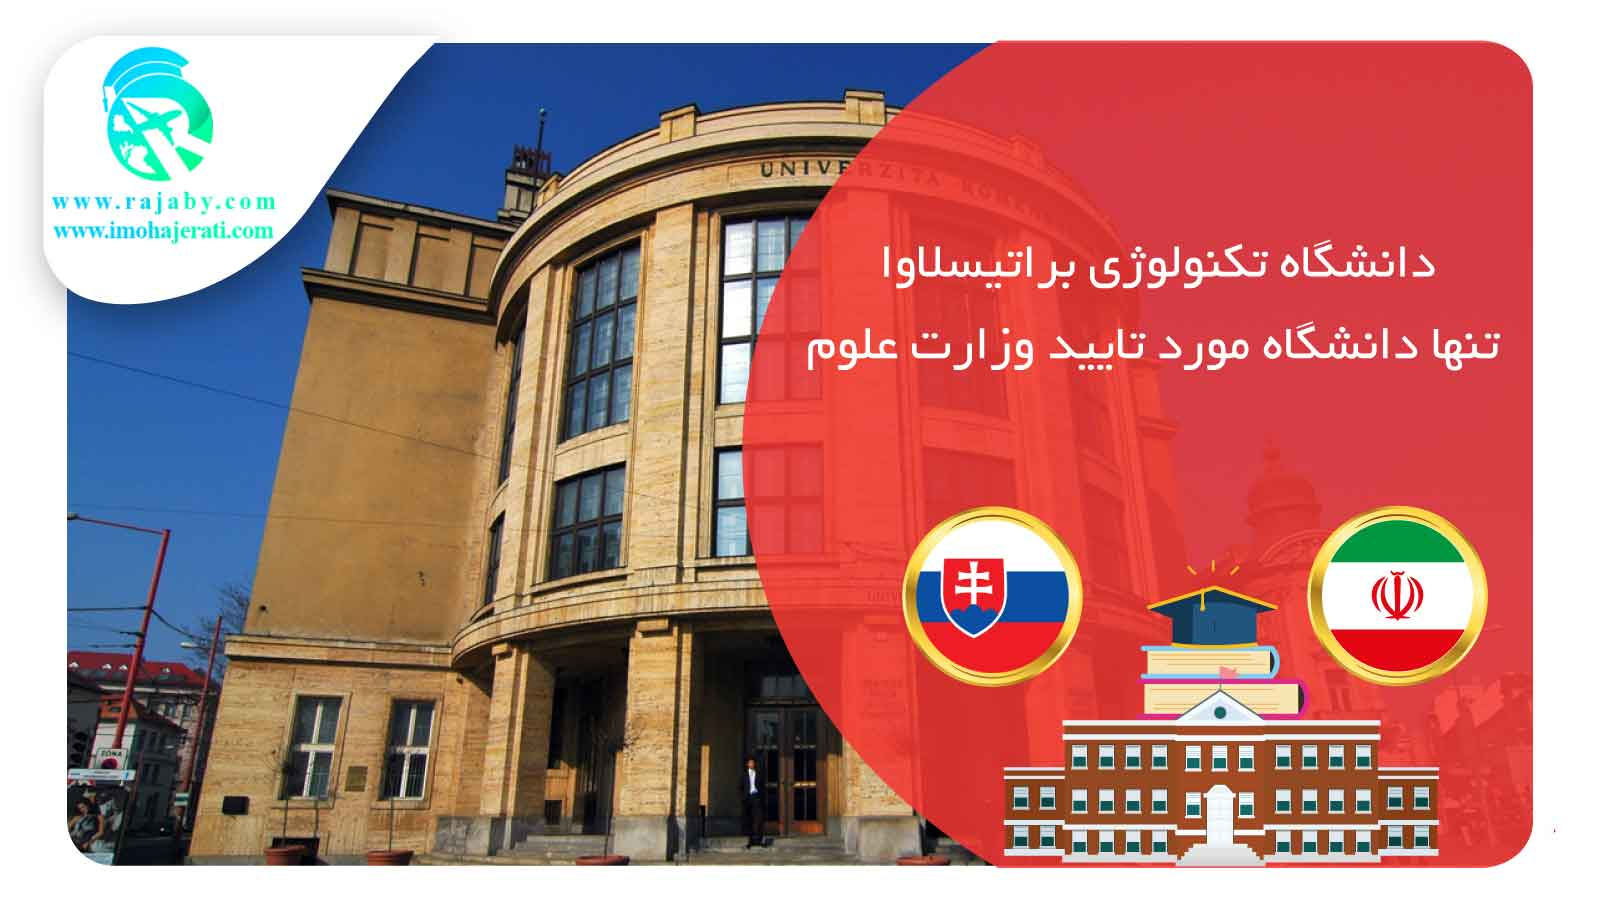 دانشگاه های مورد تائید وزارت علوم در اسلواکی